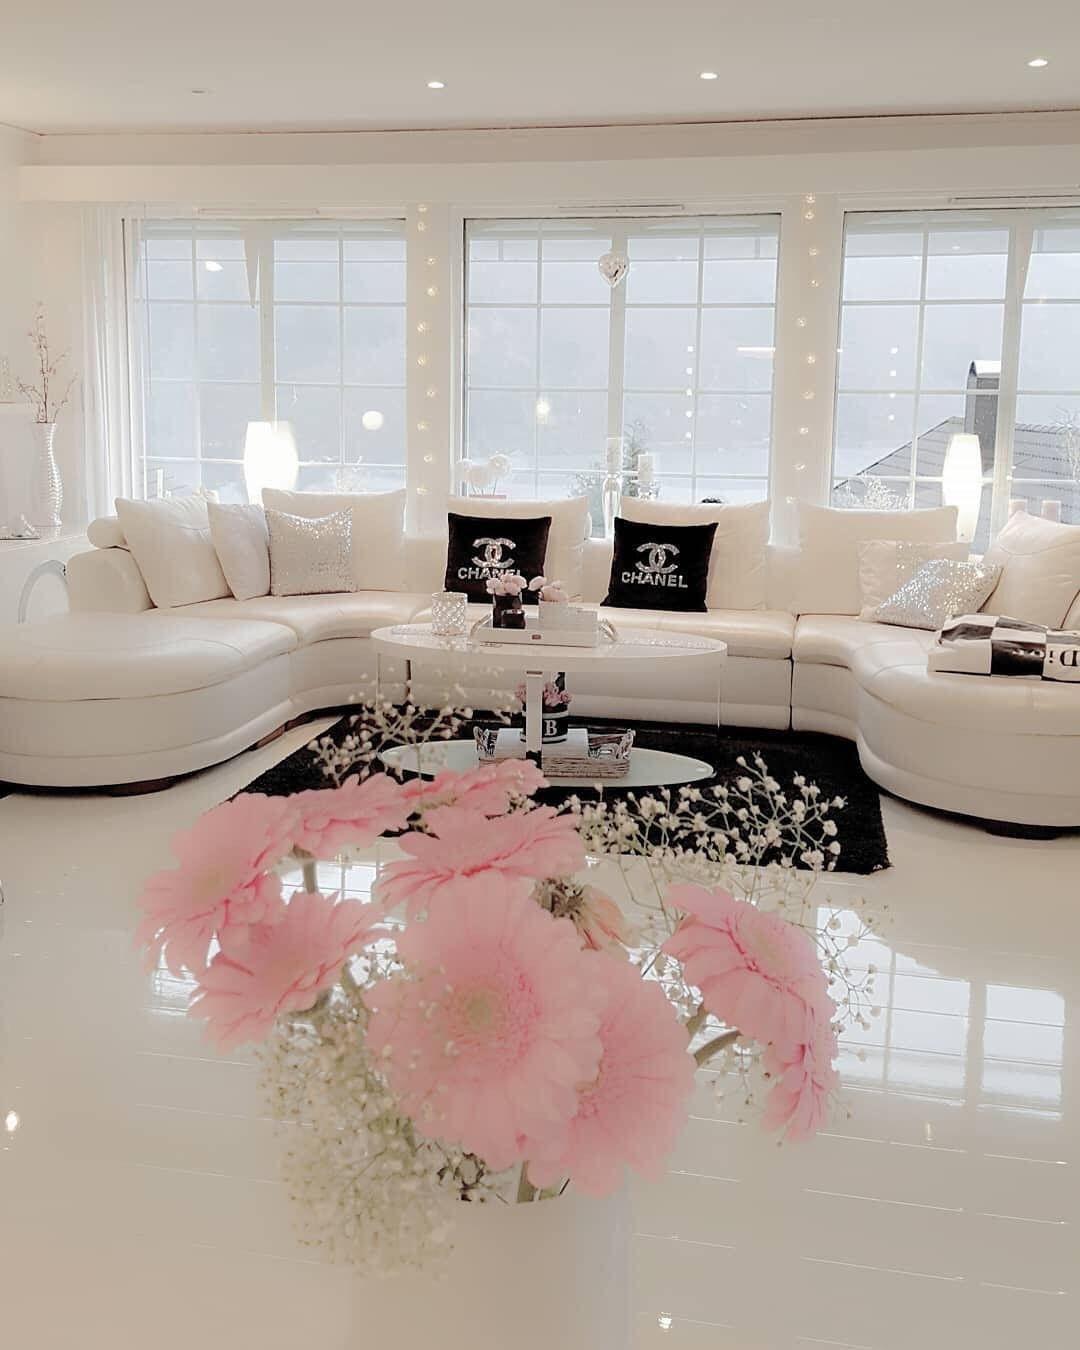 weißes chanel wohnzimmer | wohnzimmer design, wohnung